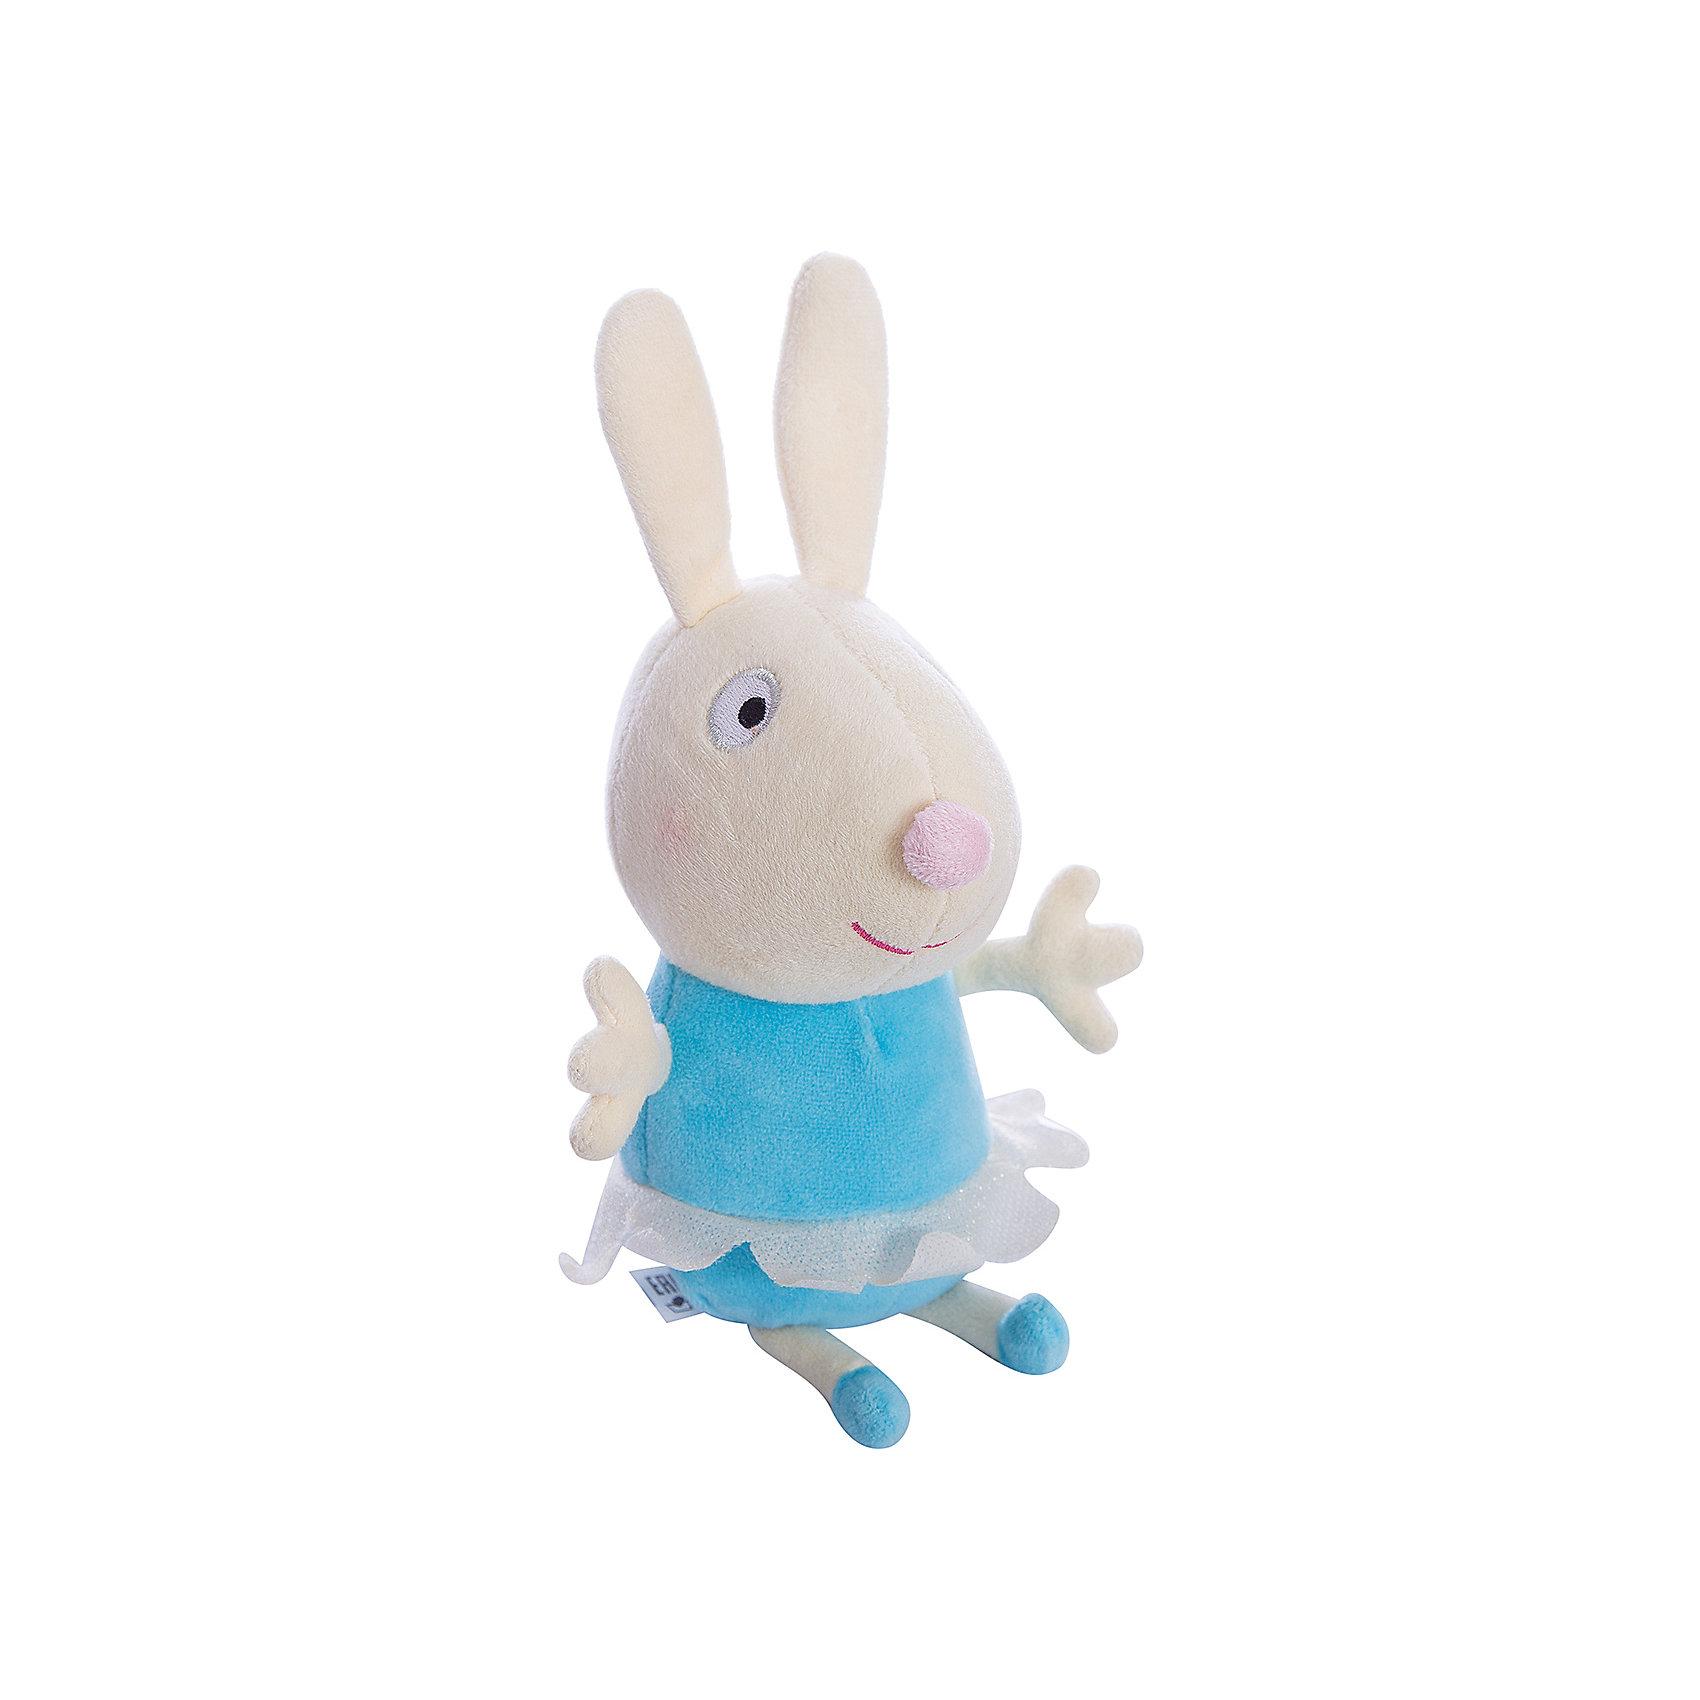 Росмэн Игрушка Кролик Ребекка балерина, 20 см, Свинка Пеппа кпб детский хлопок свинка пеппа рис 8804 8805 вид 1 пеппа балерина